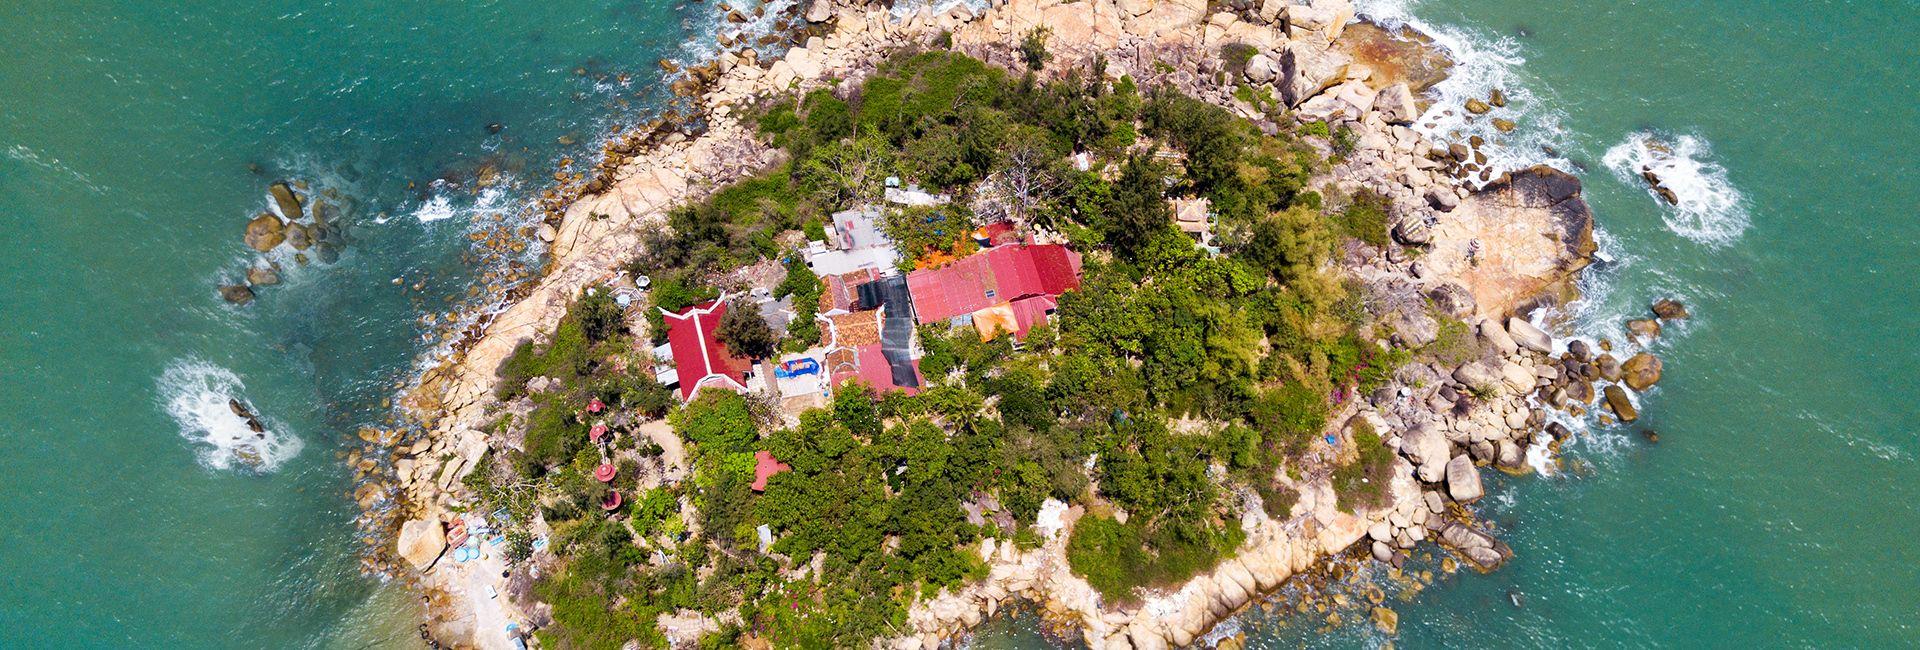 Đảo hòn Mun Nha Trang ở đâu, có đẹp như lời đồn?